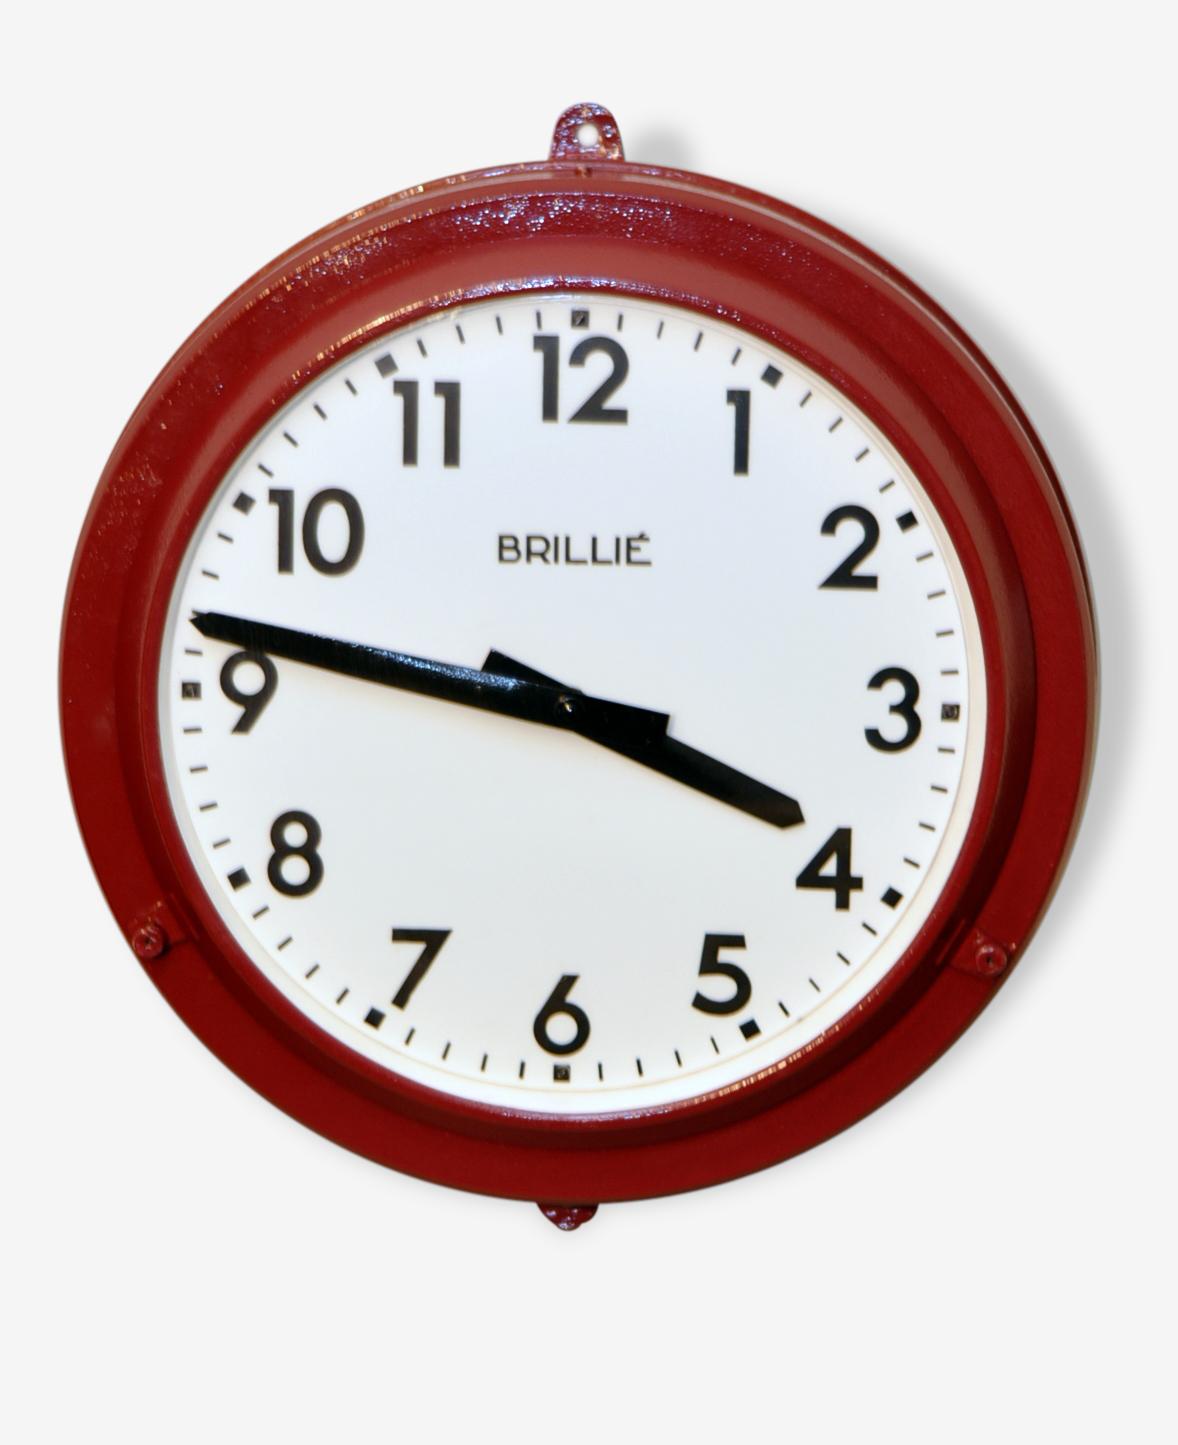 Horloge industrielle Brillié – French Industrial clock